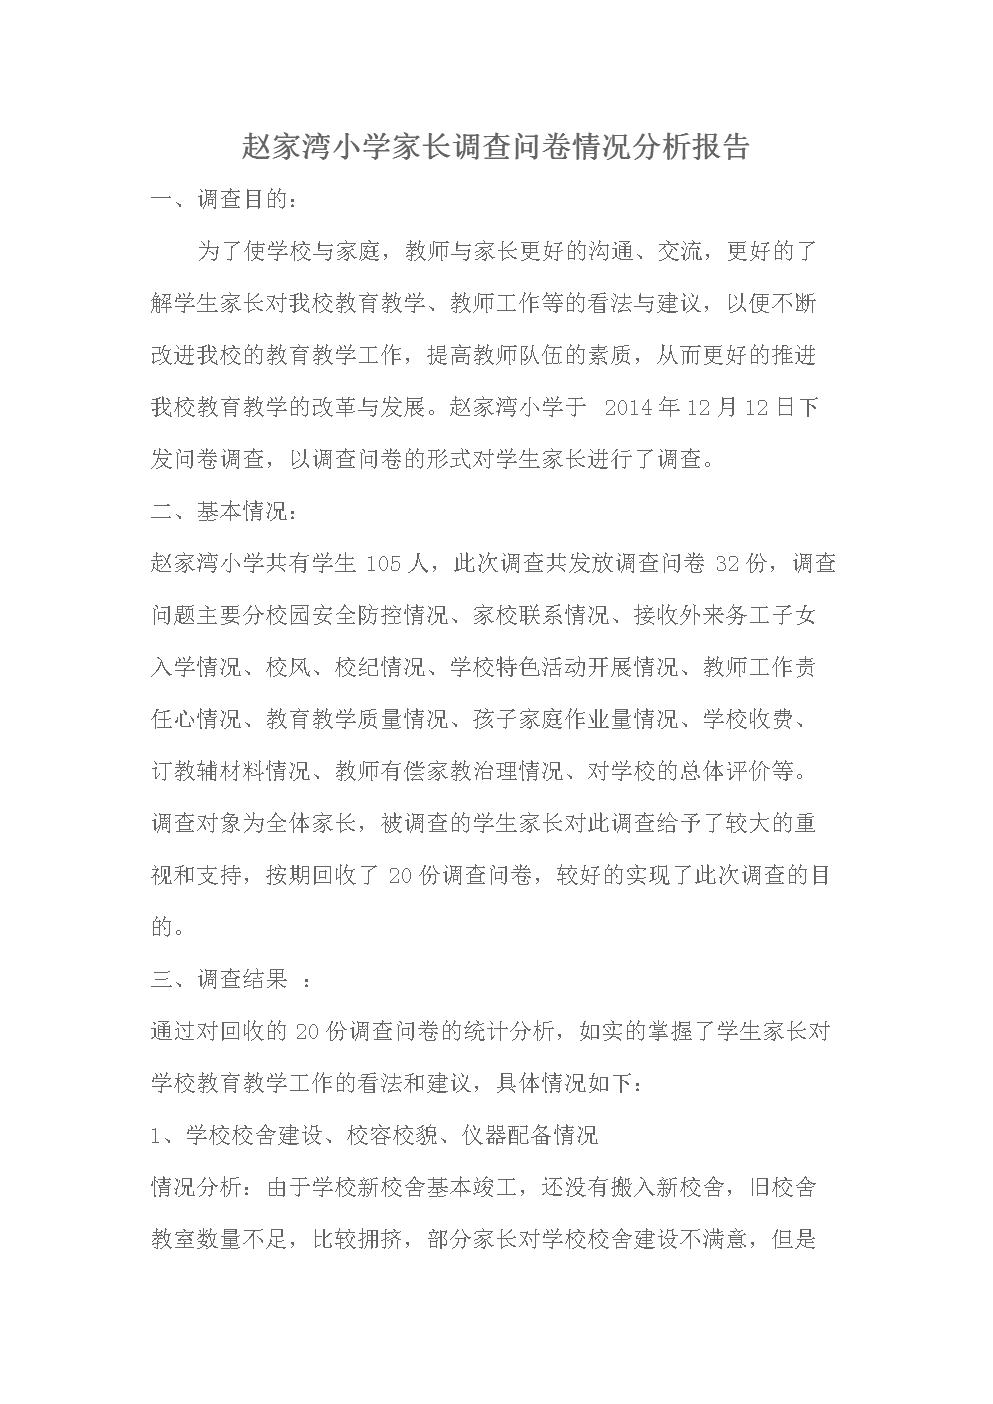 赵家湾小学情况v小学家长问卷的分析报告.doc小学万泉6图片